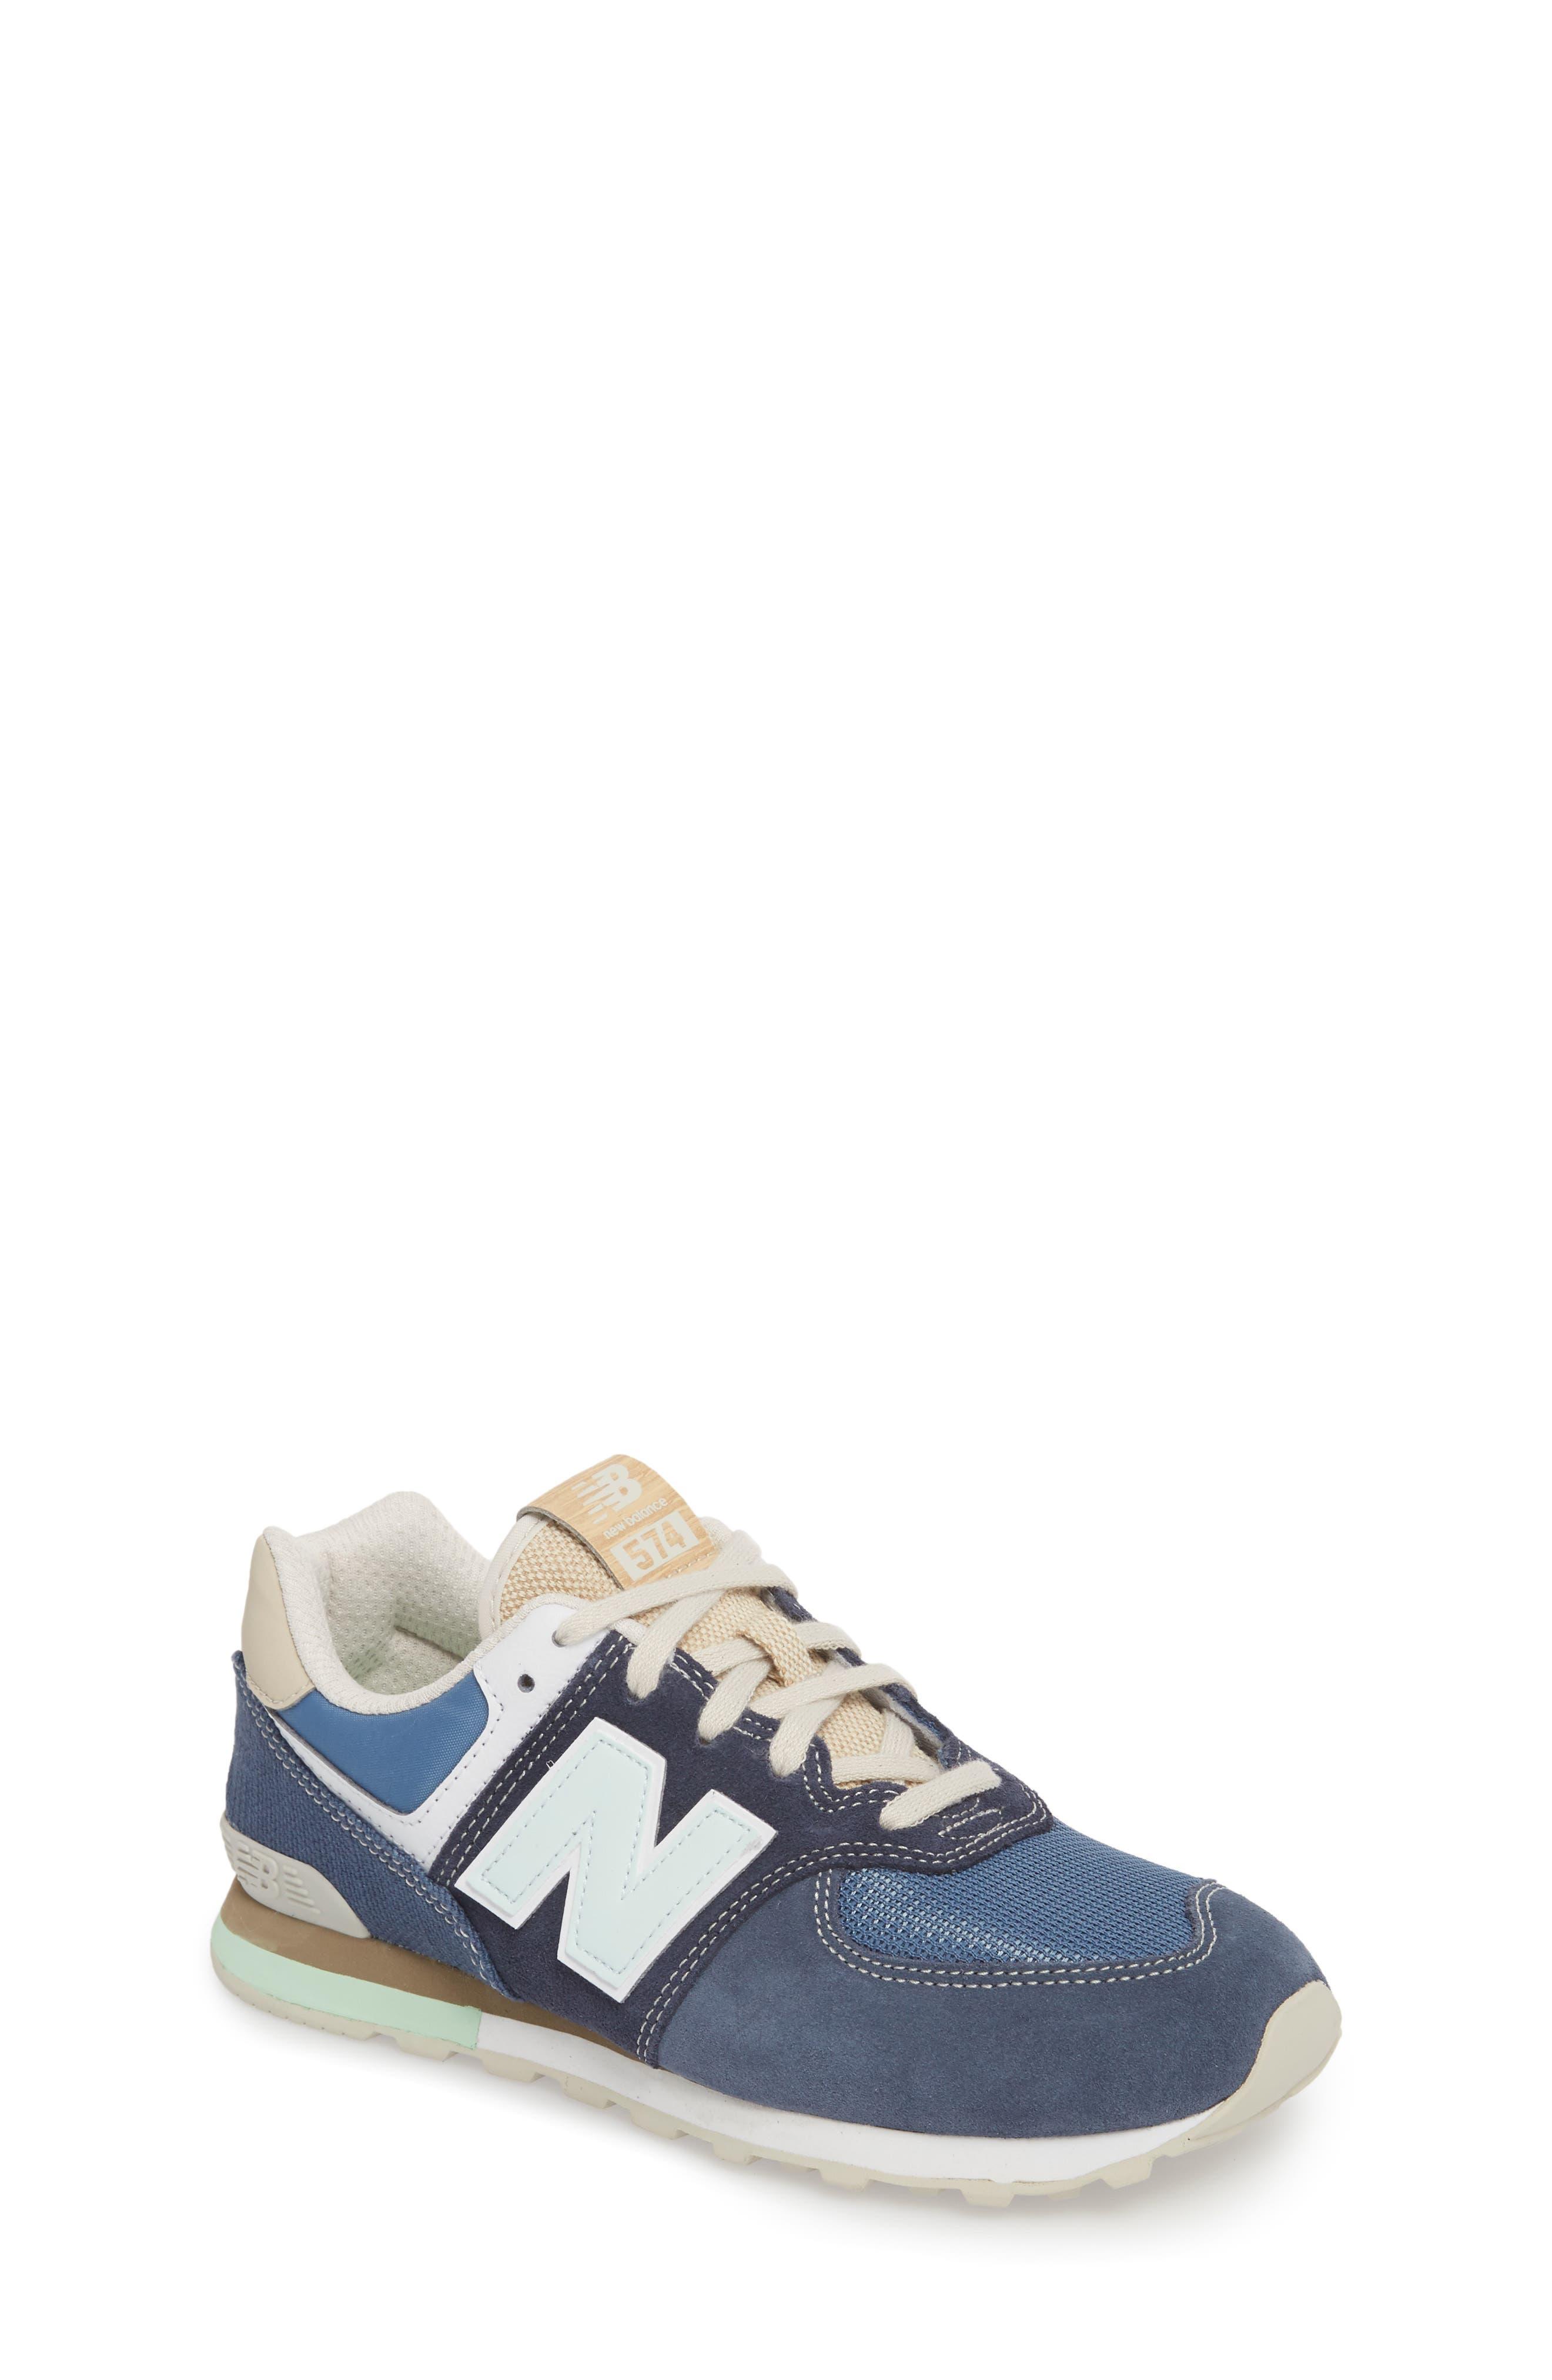 574 Retro Surf Sneaker,                         Main,                         color, Navy